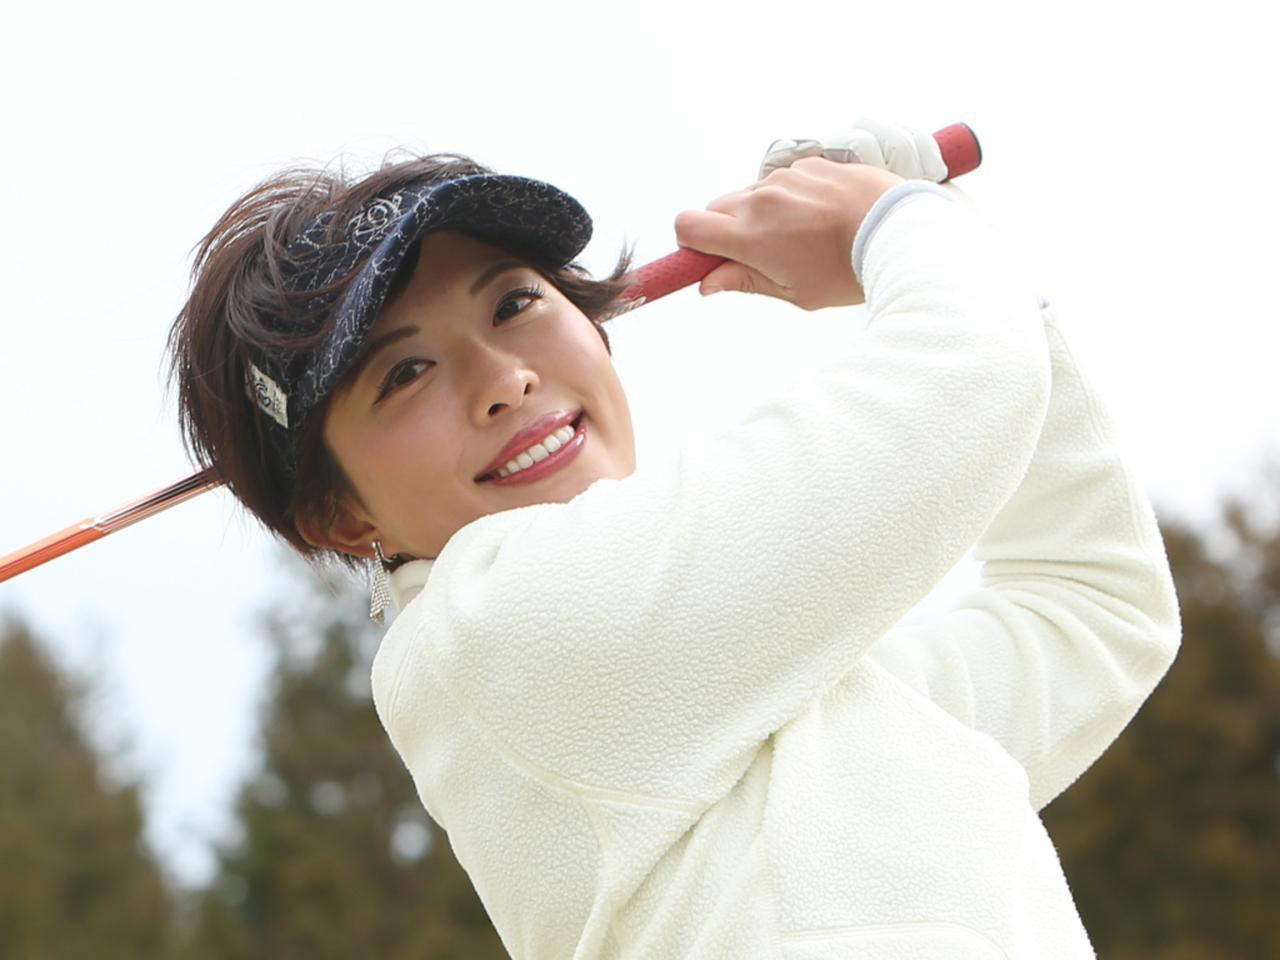 画像: きっかけはゴルフサバイバル。人気美女ゴルファー・小澤美奈瀬が28歳で「プロテスト合格」を目指す理由 - みんなのゴルフダイジェスト